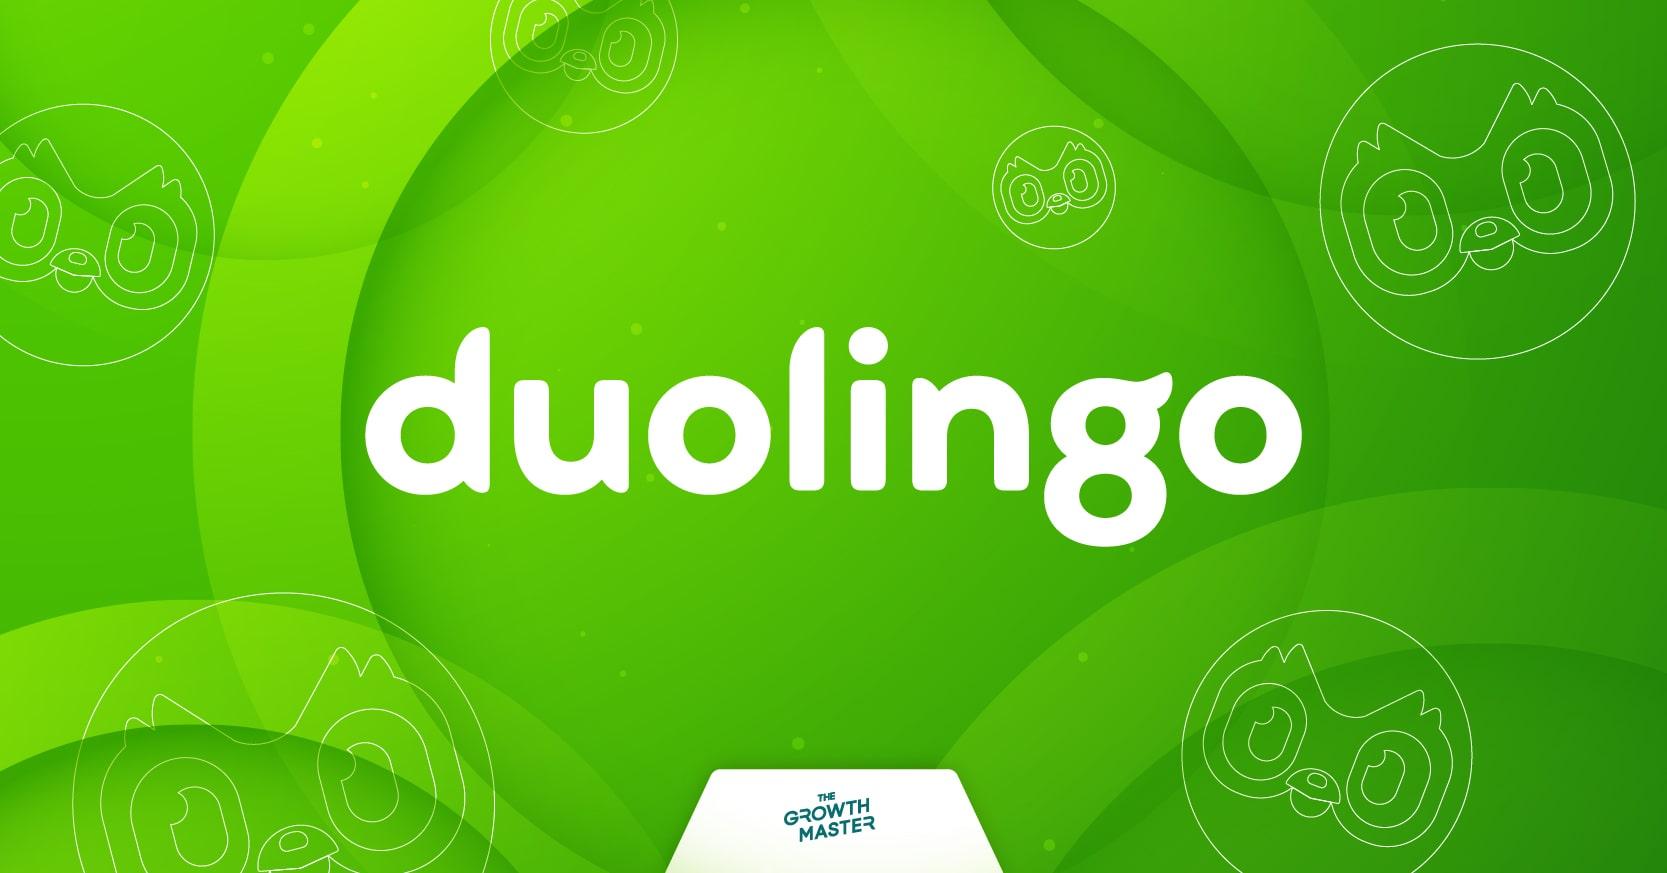 CASE STUDY: ไขความลับการเติบโตของ Duolingo แอปเรียนภาษาที่ทุกคนเข้าถึงได้โดยไร้ข้อจำกัด